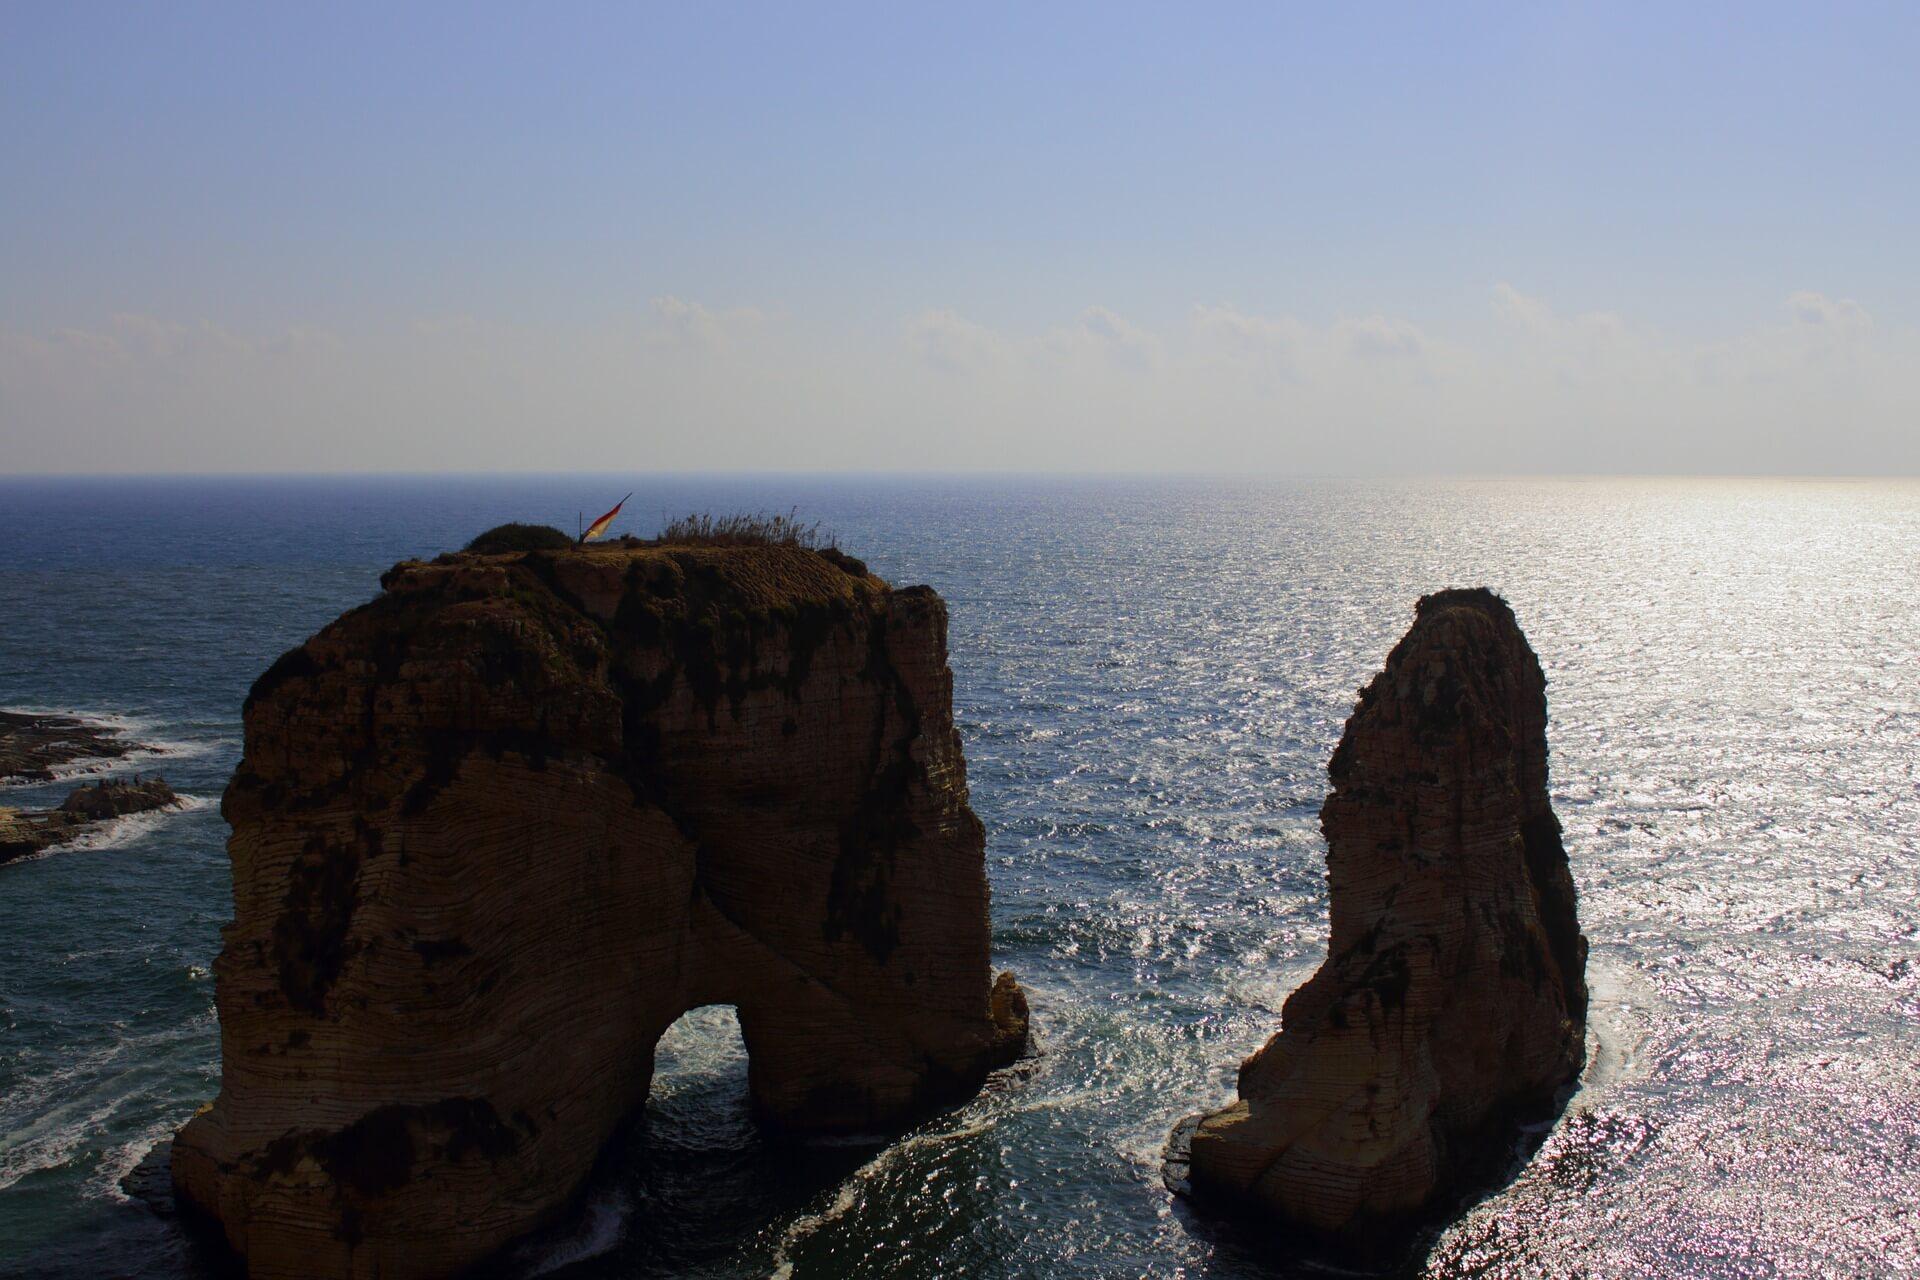 Direktflüge und Billigflüge in den Libanon